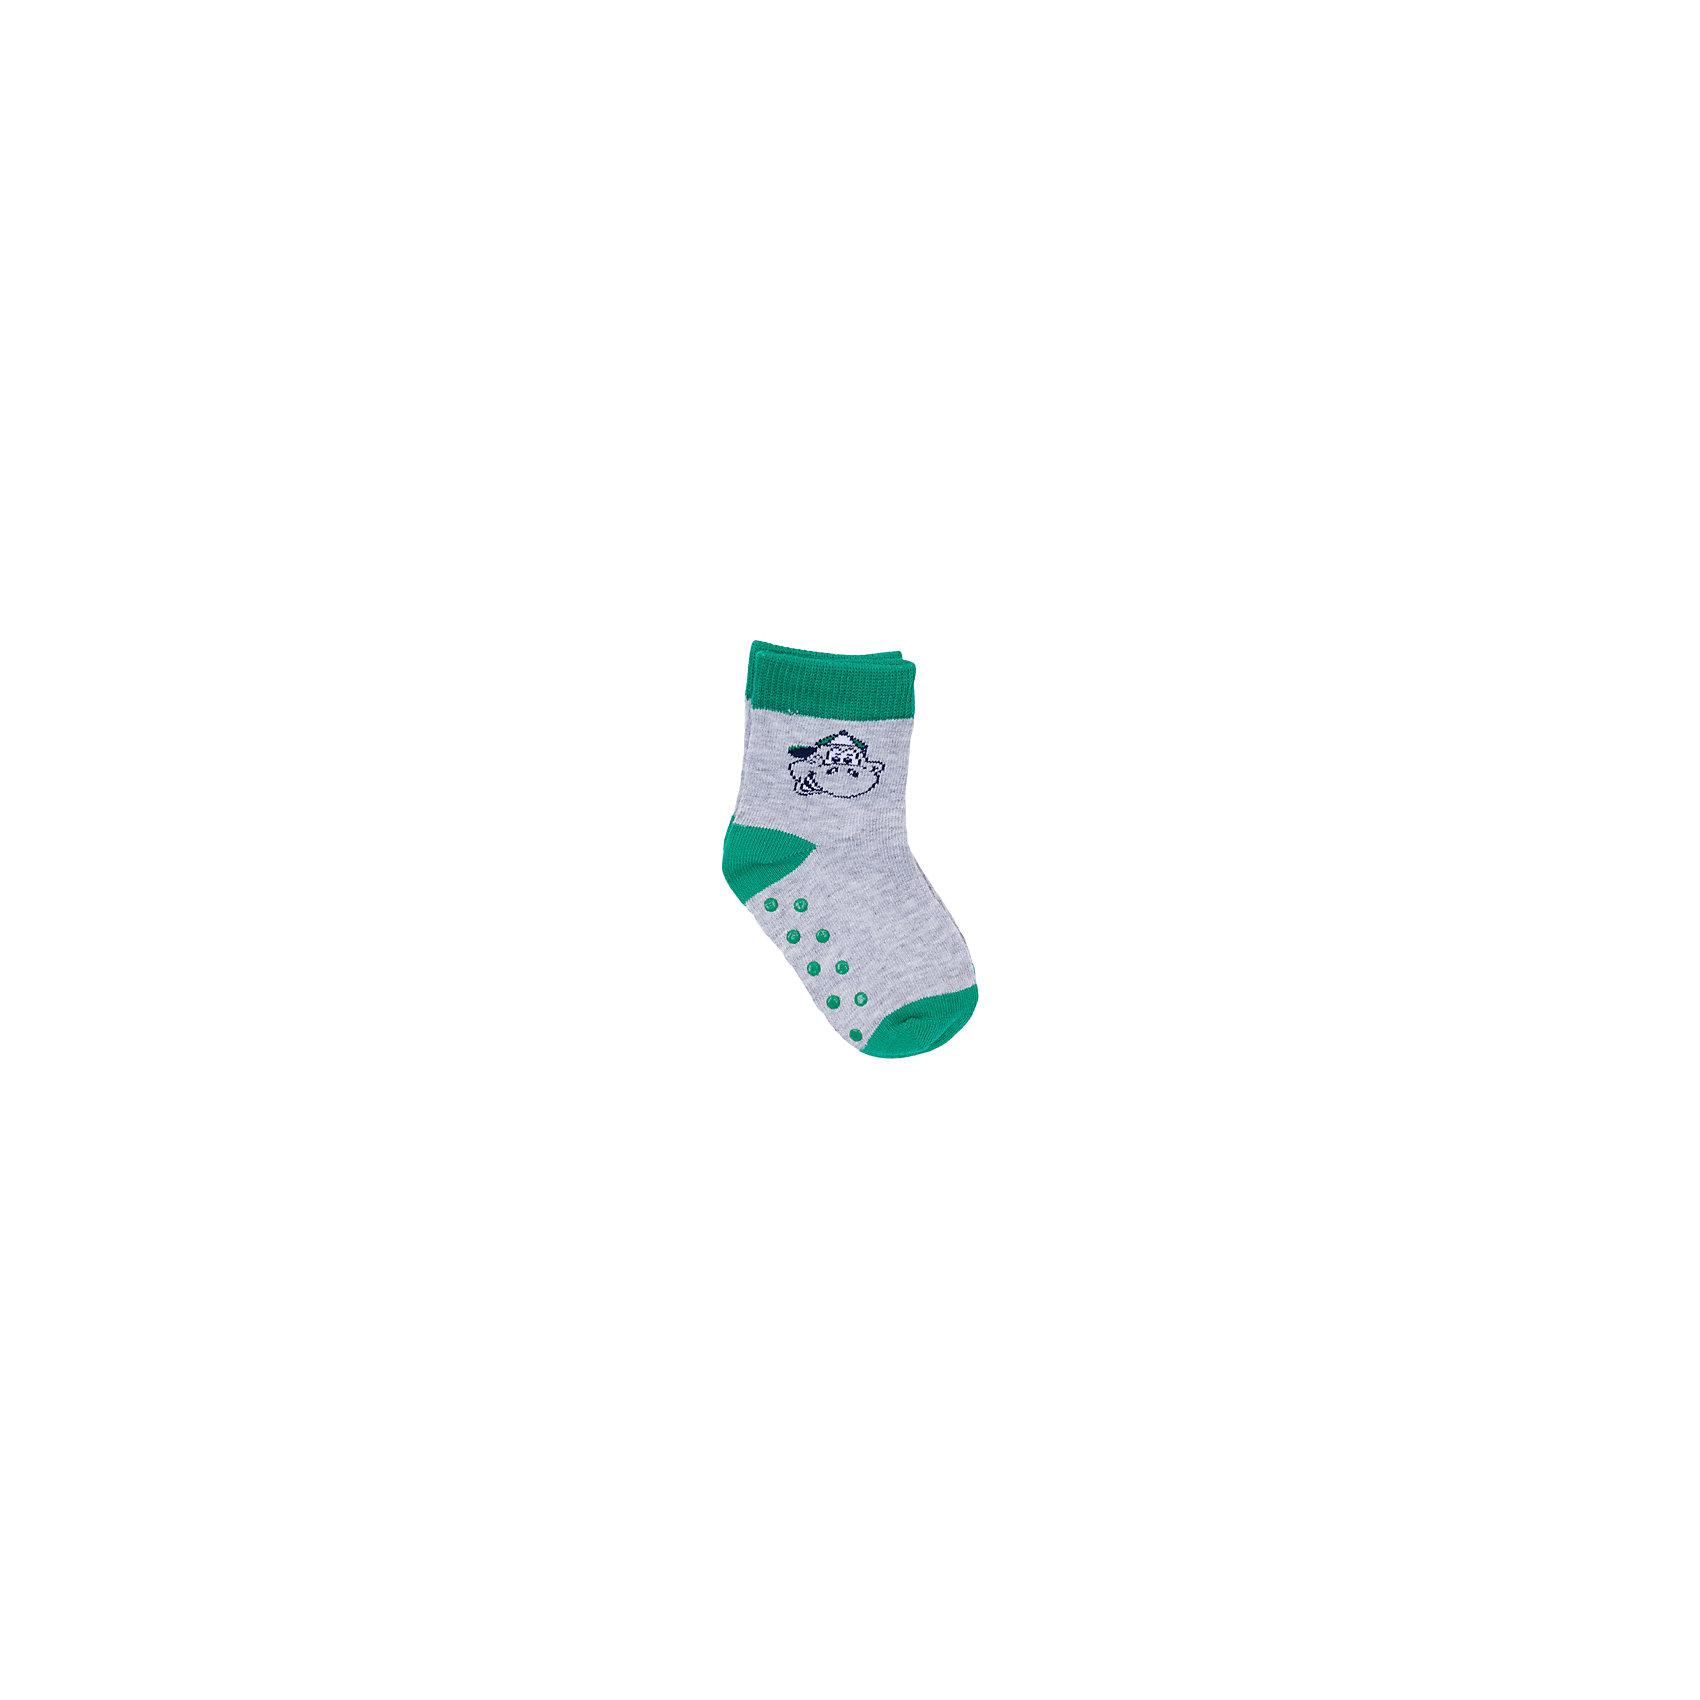 Носки для мальчика PlayTodayНоски для мальчика от известного бренда PlayToday.<br>Уютные хлопковые носочки с антискользящими вставками на подошве.<br>Состав:<br>75% хлопок, 22% нейлон, 3% эластан<br><br>Ширина мм: 87<br>Глубина мм: 10<br>Высота мм: 105<br>Вес г: 115<br>Цвет: разноцветный<br>Возраст от месяцев: 12<br>Возраст до месяцев: 18<br>Пол: Мужской<br>Возраст: Детский<br>Размер: 11,12<br>SKU: 4900492